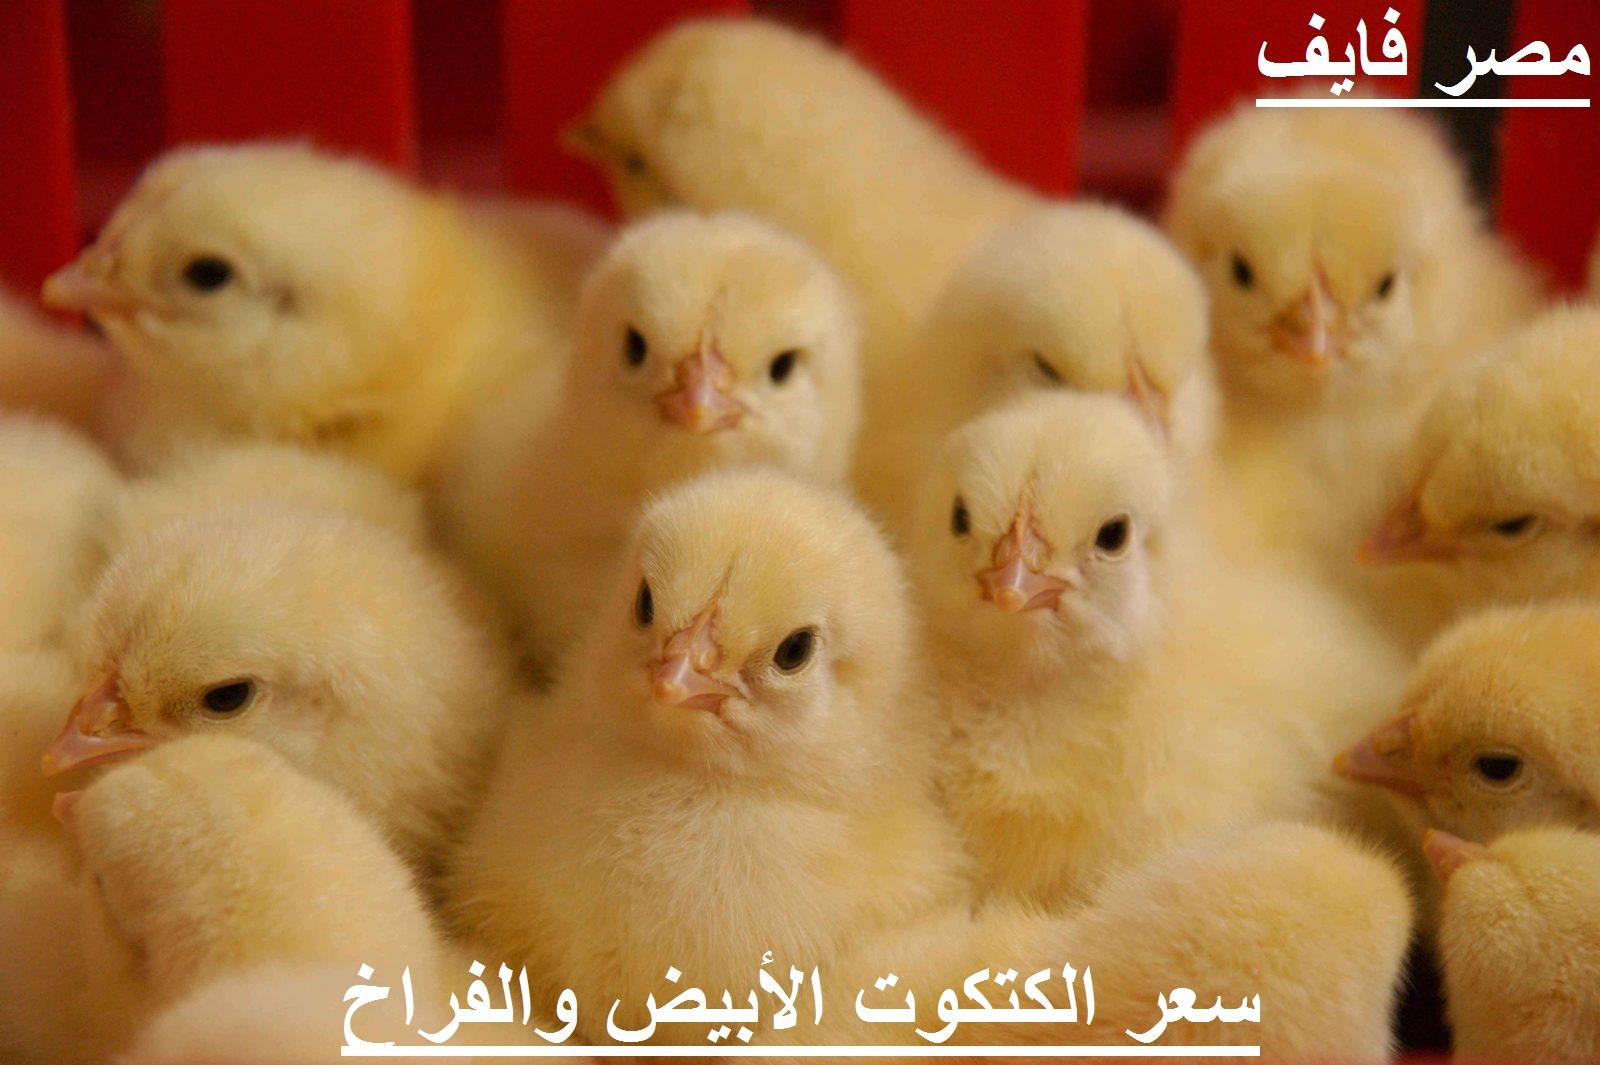 بورصة الدواجن اليوم.. ارتفاع مفاجئ في سعر الكتكوت الأبيض الأربعاء 12 مايو بعد زيادة سعر الفراخ البيضاء 4